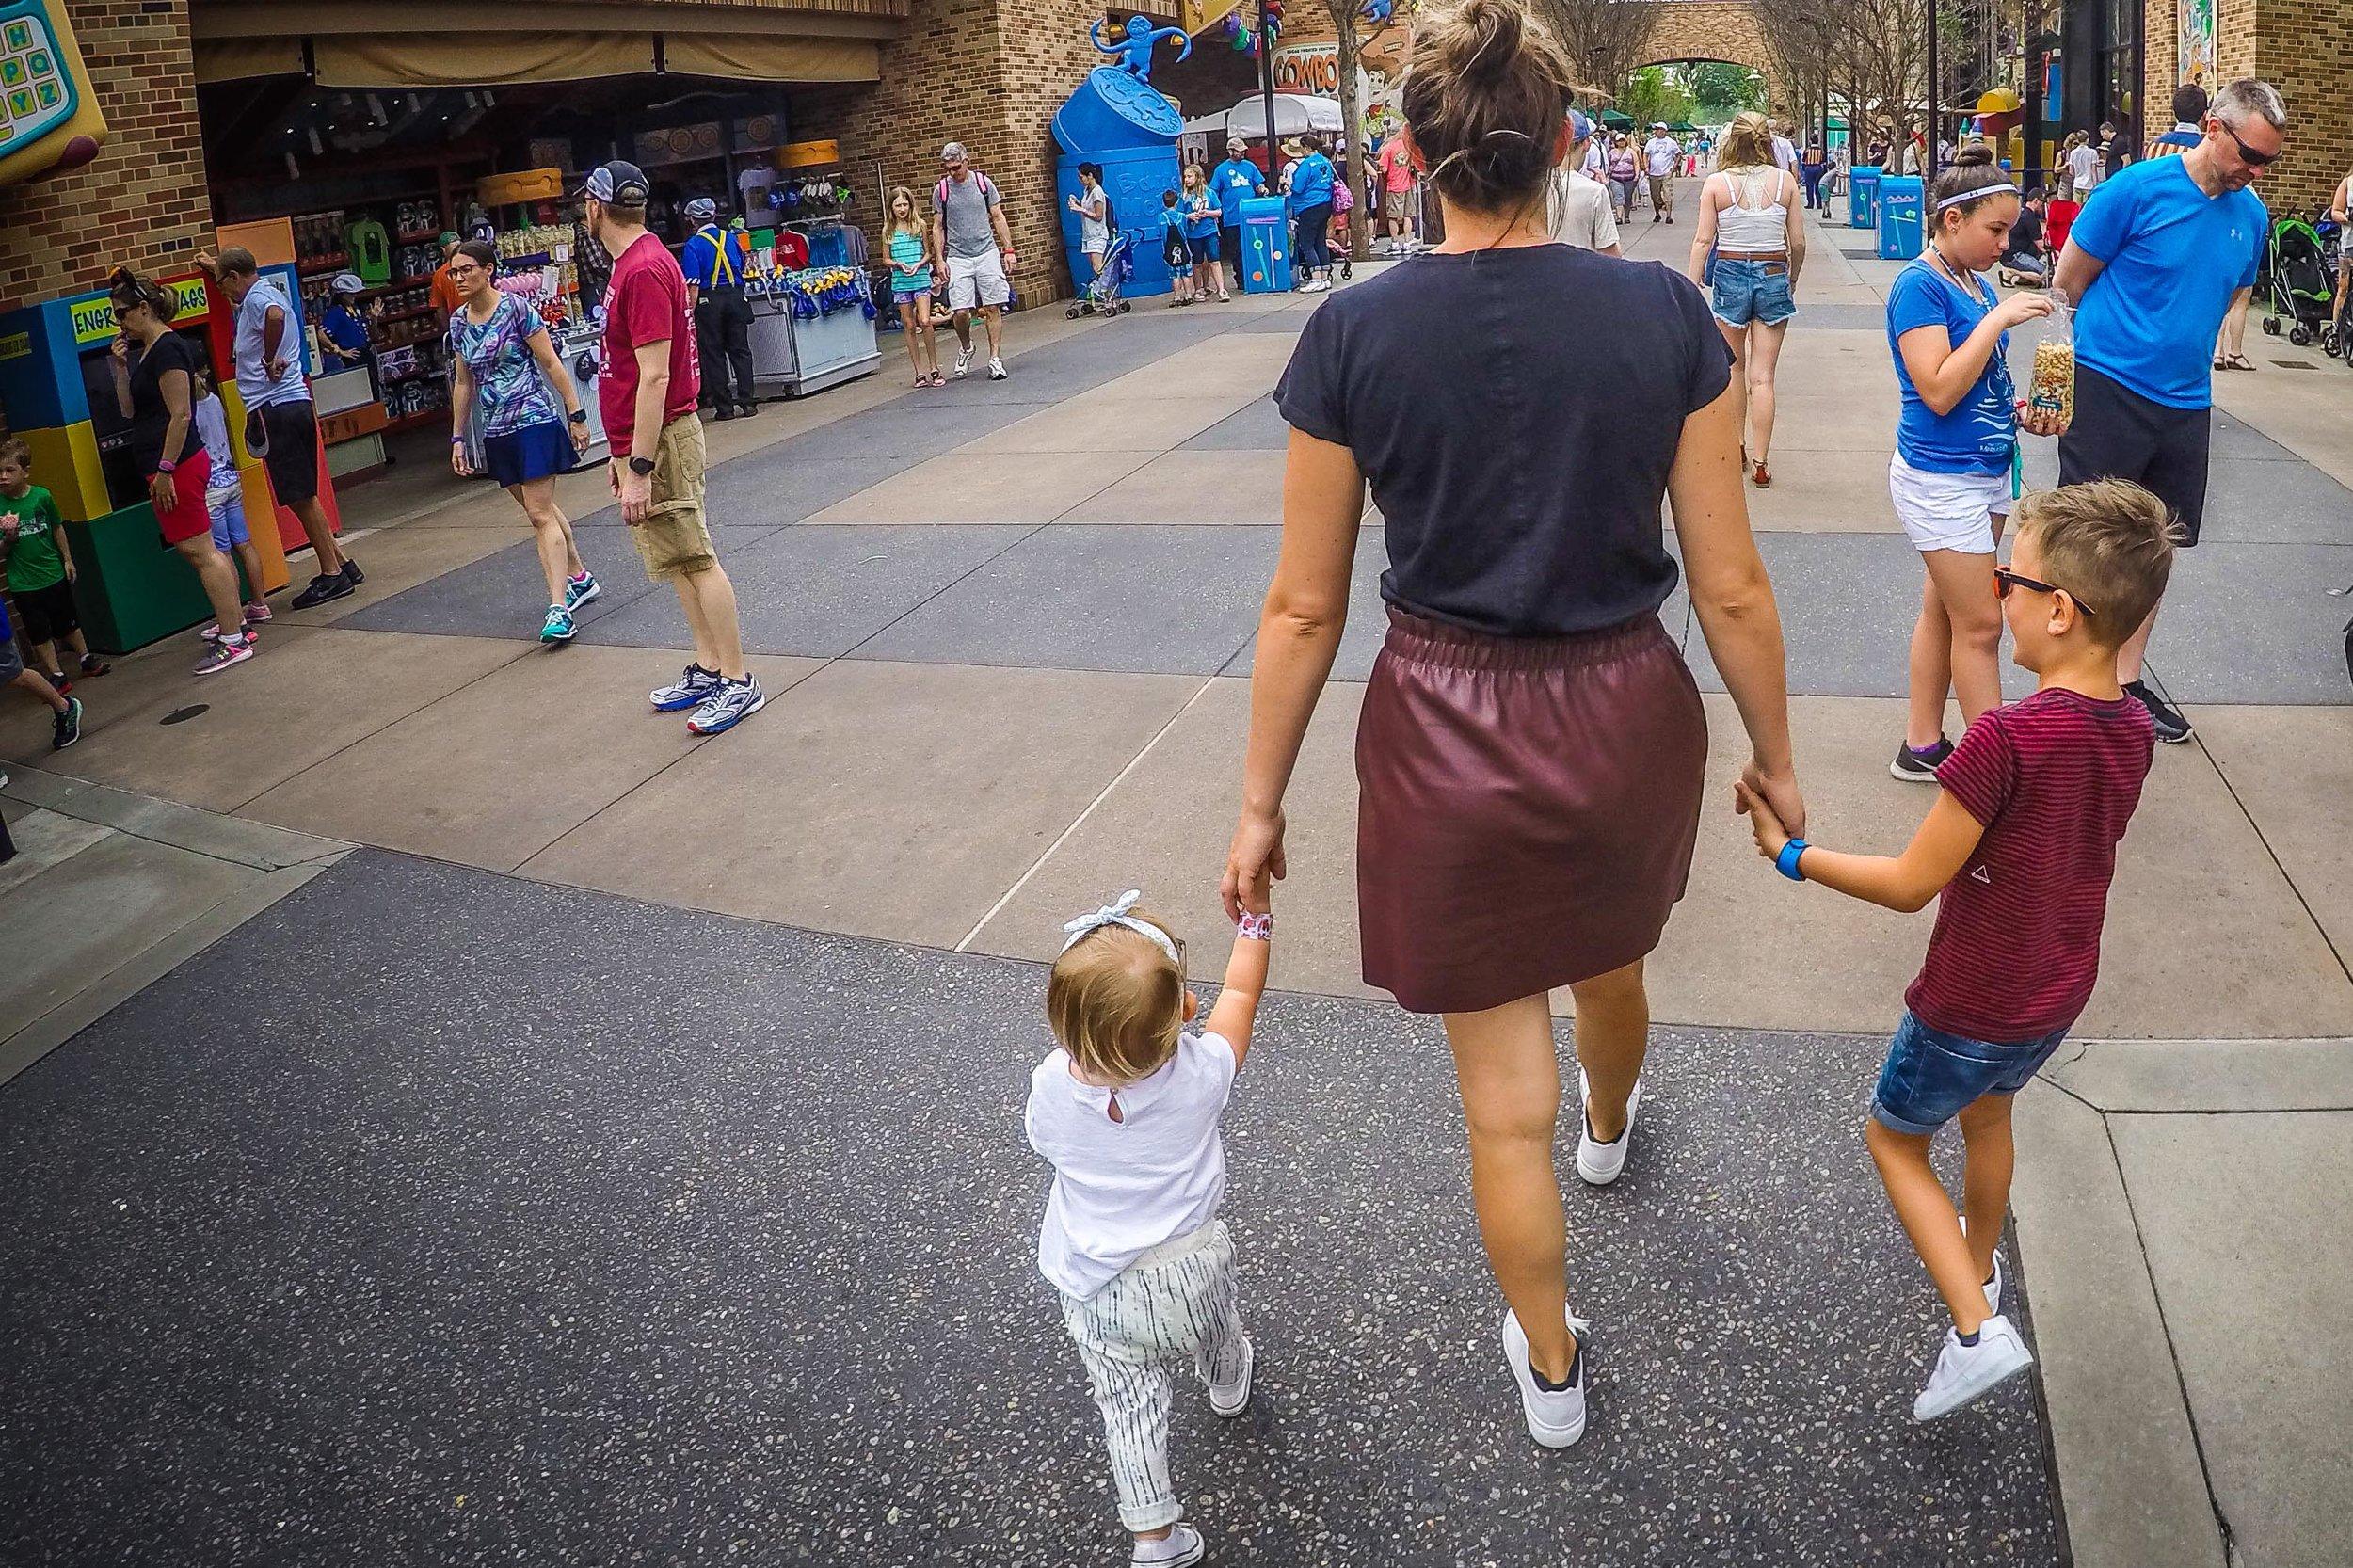 Disney_Studio_orlando_reizen_met_kinderen.jpg